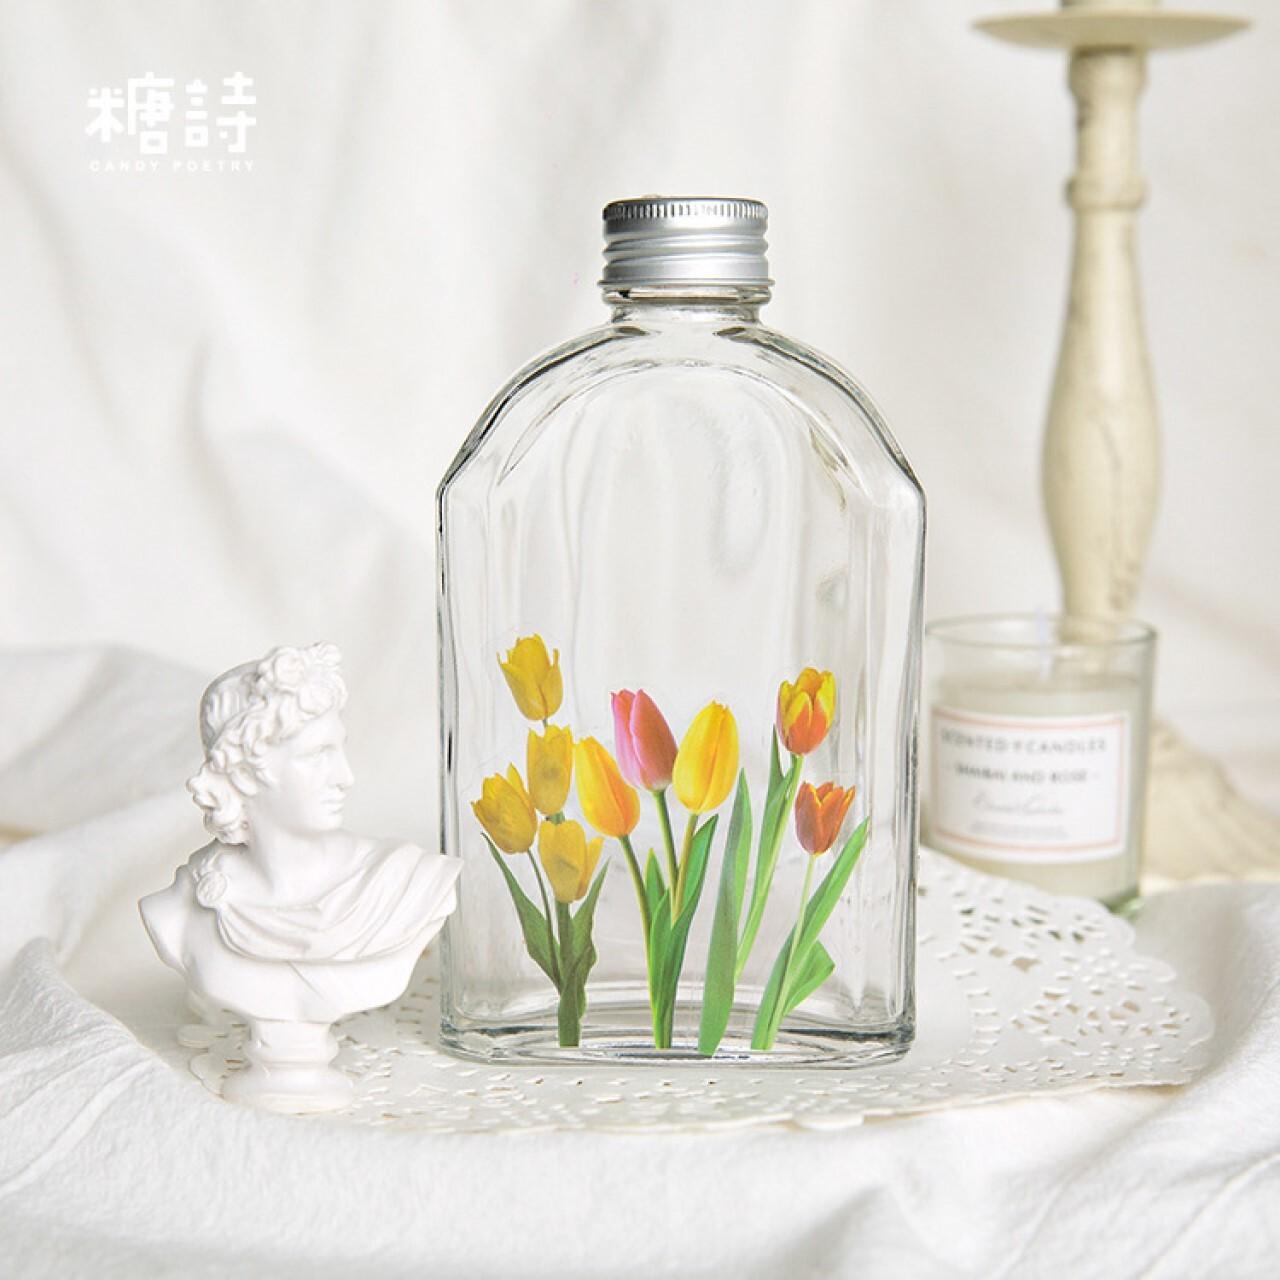 D25 花 シール 40枚 全6種 PET素材 海外 シール 植物 コラージュ ジャンクジャーナル 素材